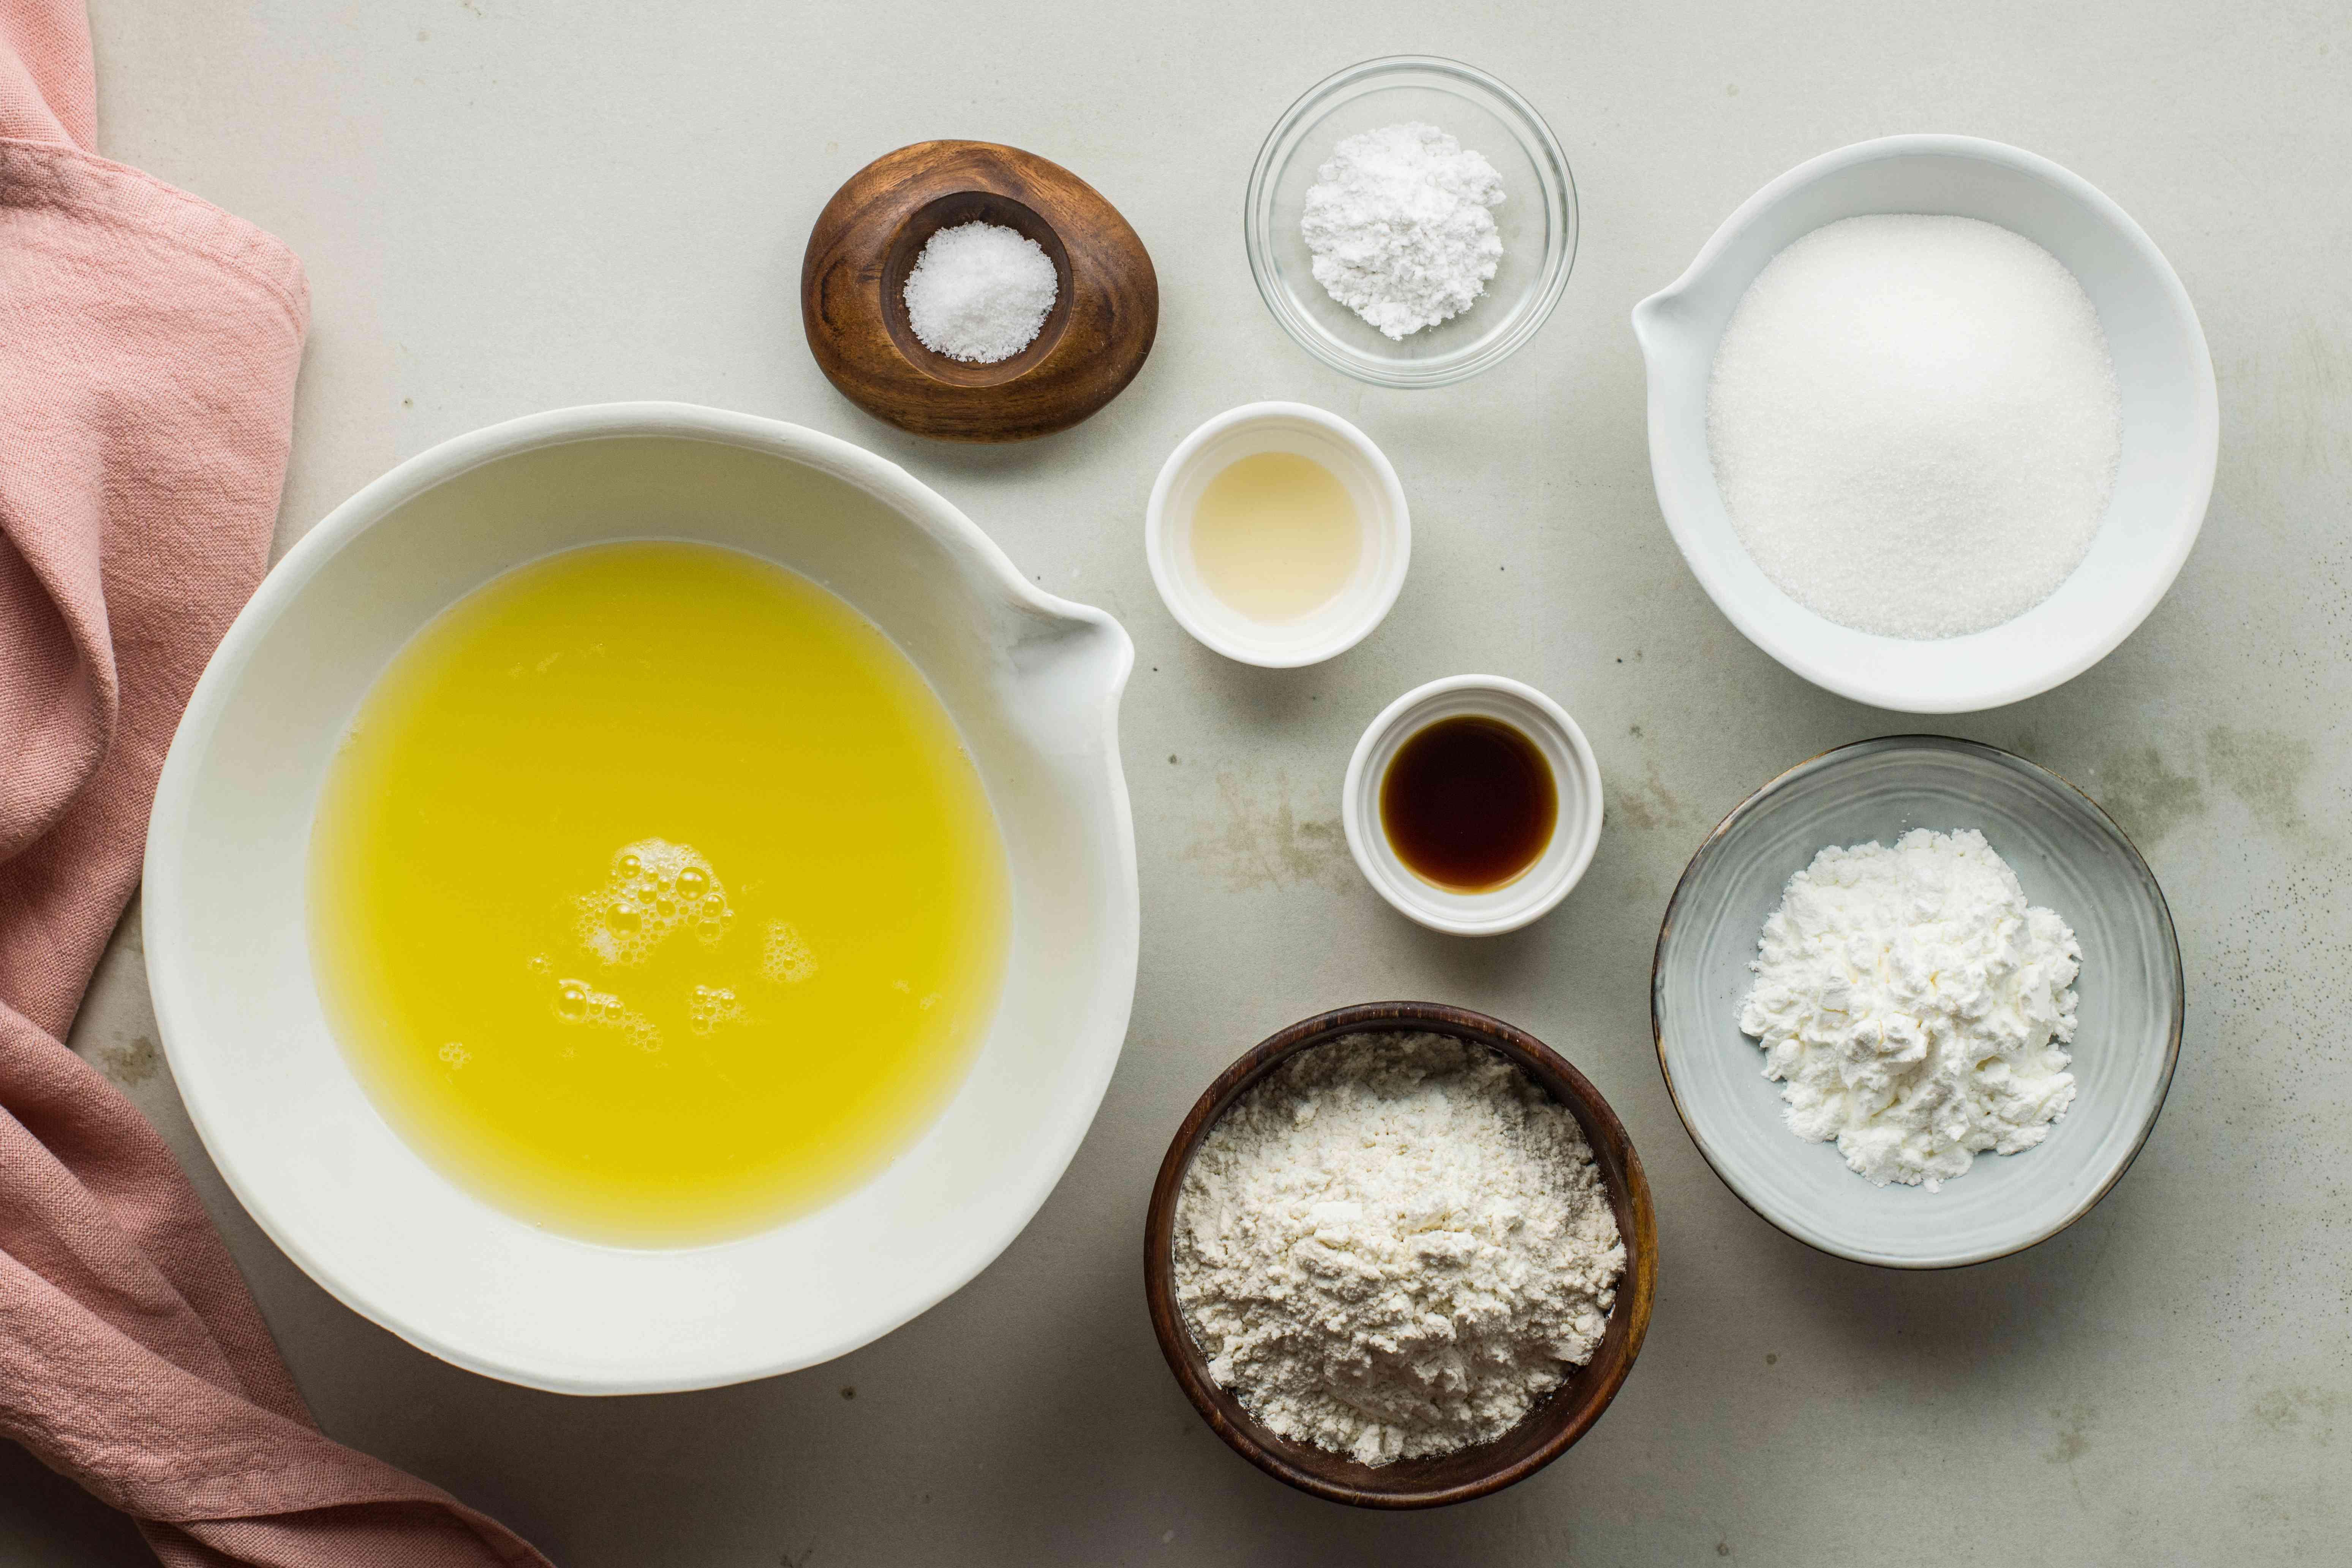 Ingredients for cake batter